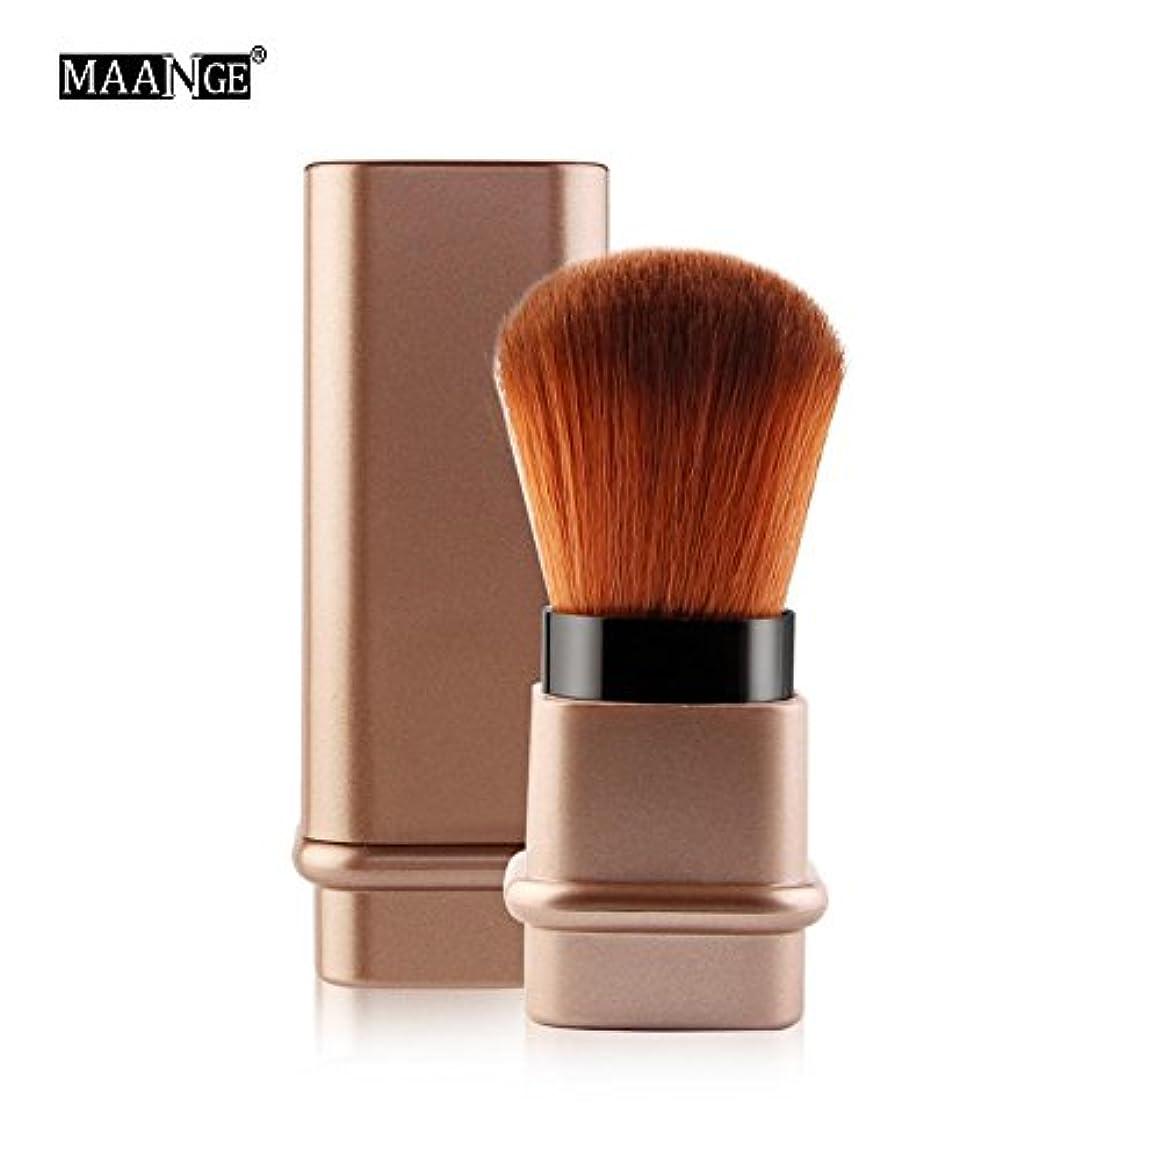 その他すなわち放つRuier-tong メイクアップブラシ スライド 化粧筆 化粧ブラシ 伸縮性のある チークブラシ フェイスブラシ パウダー&チークブラシ 携帯用 超柔らかい